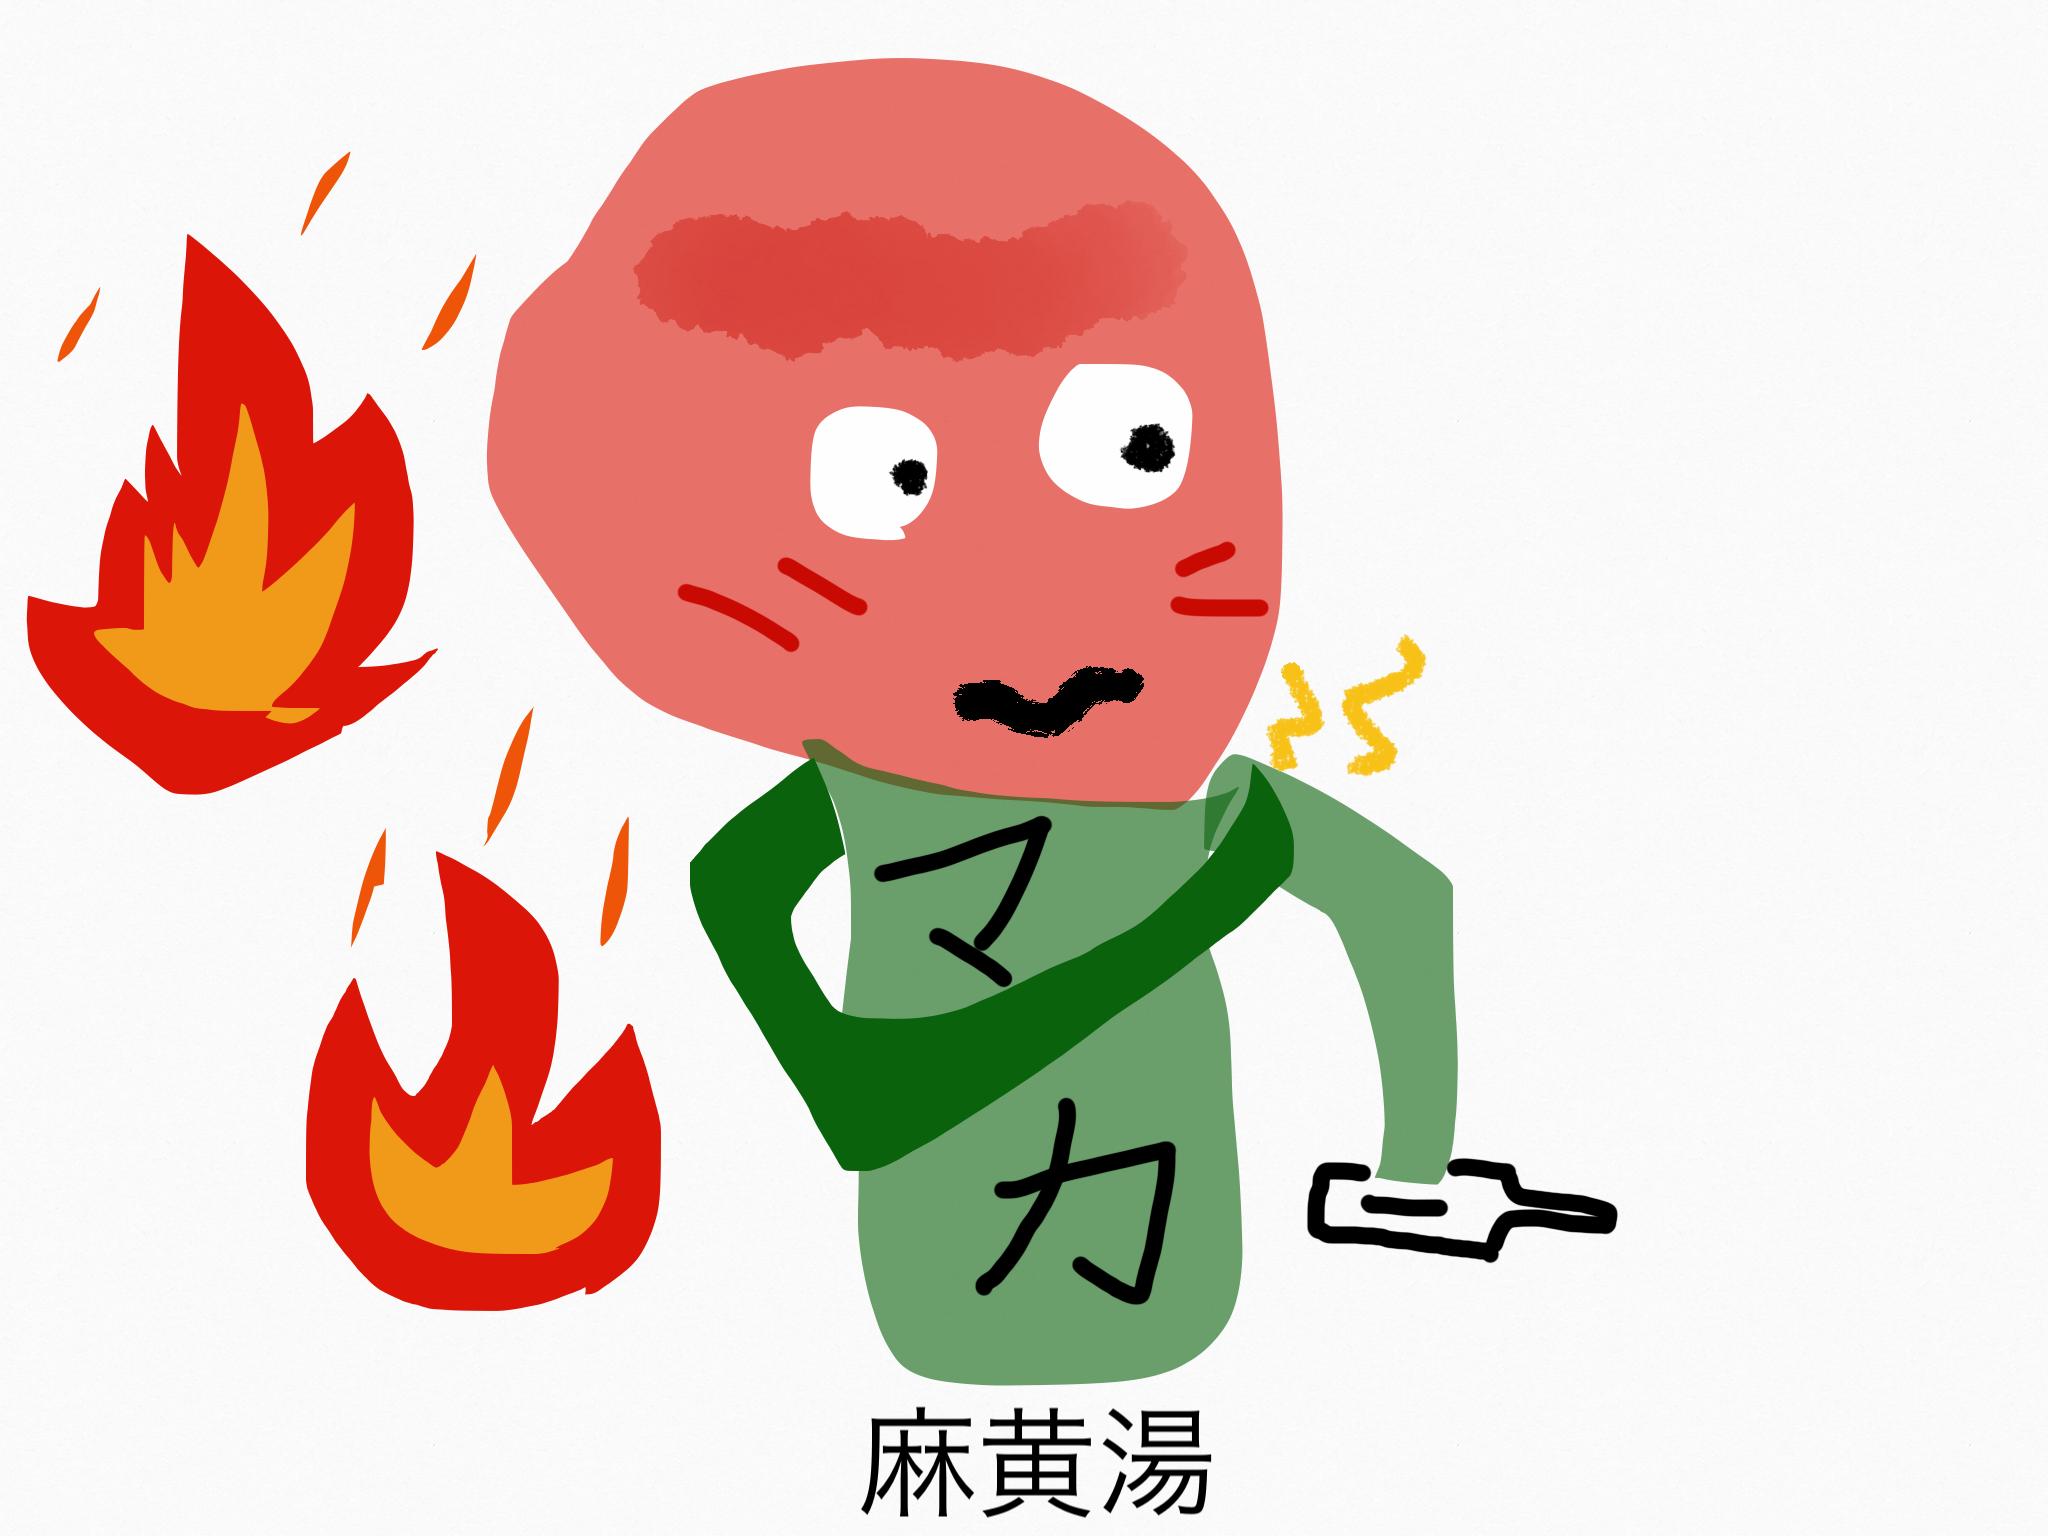 麻黄湯(まおうとう)[かぜ]【漢方の覚え方】